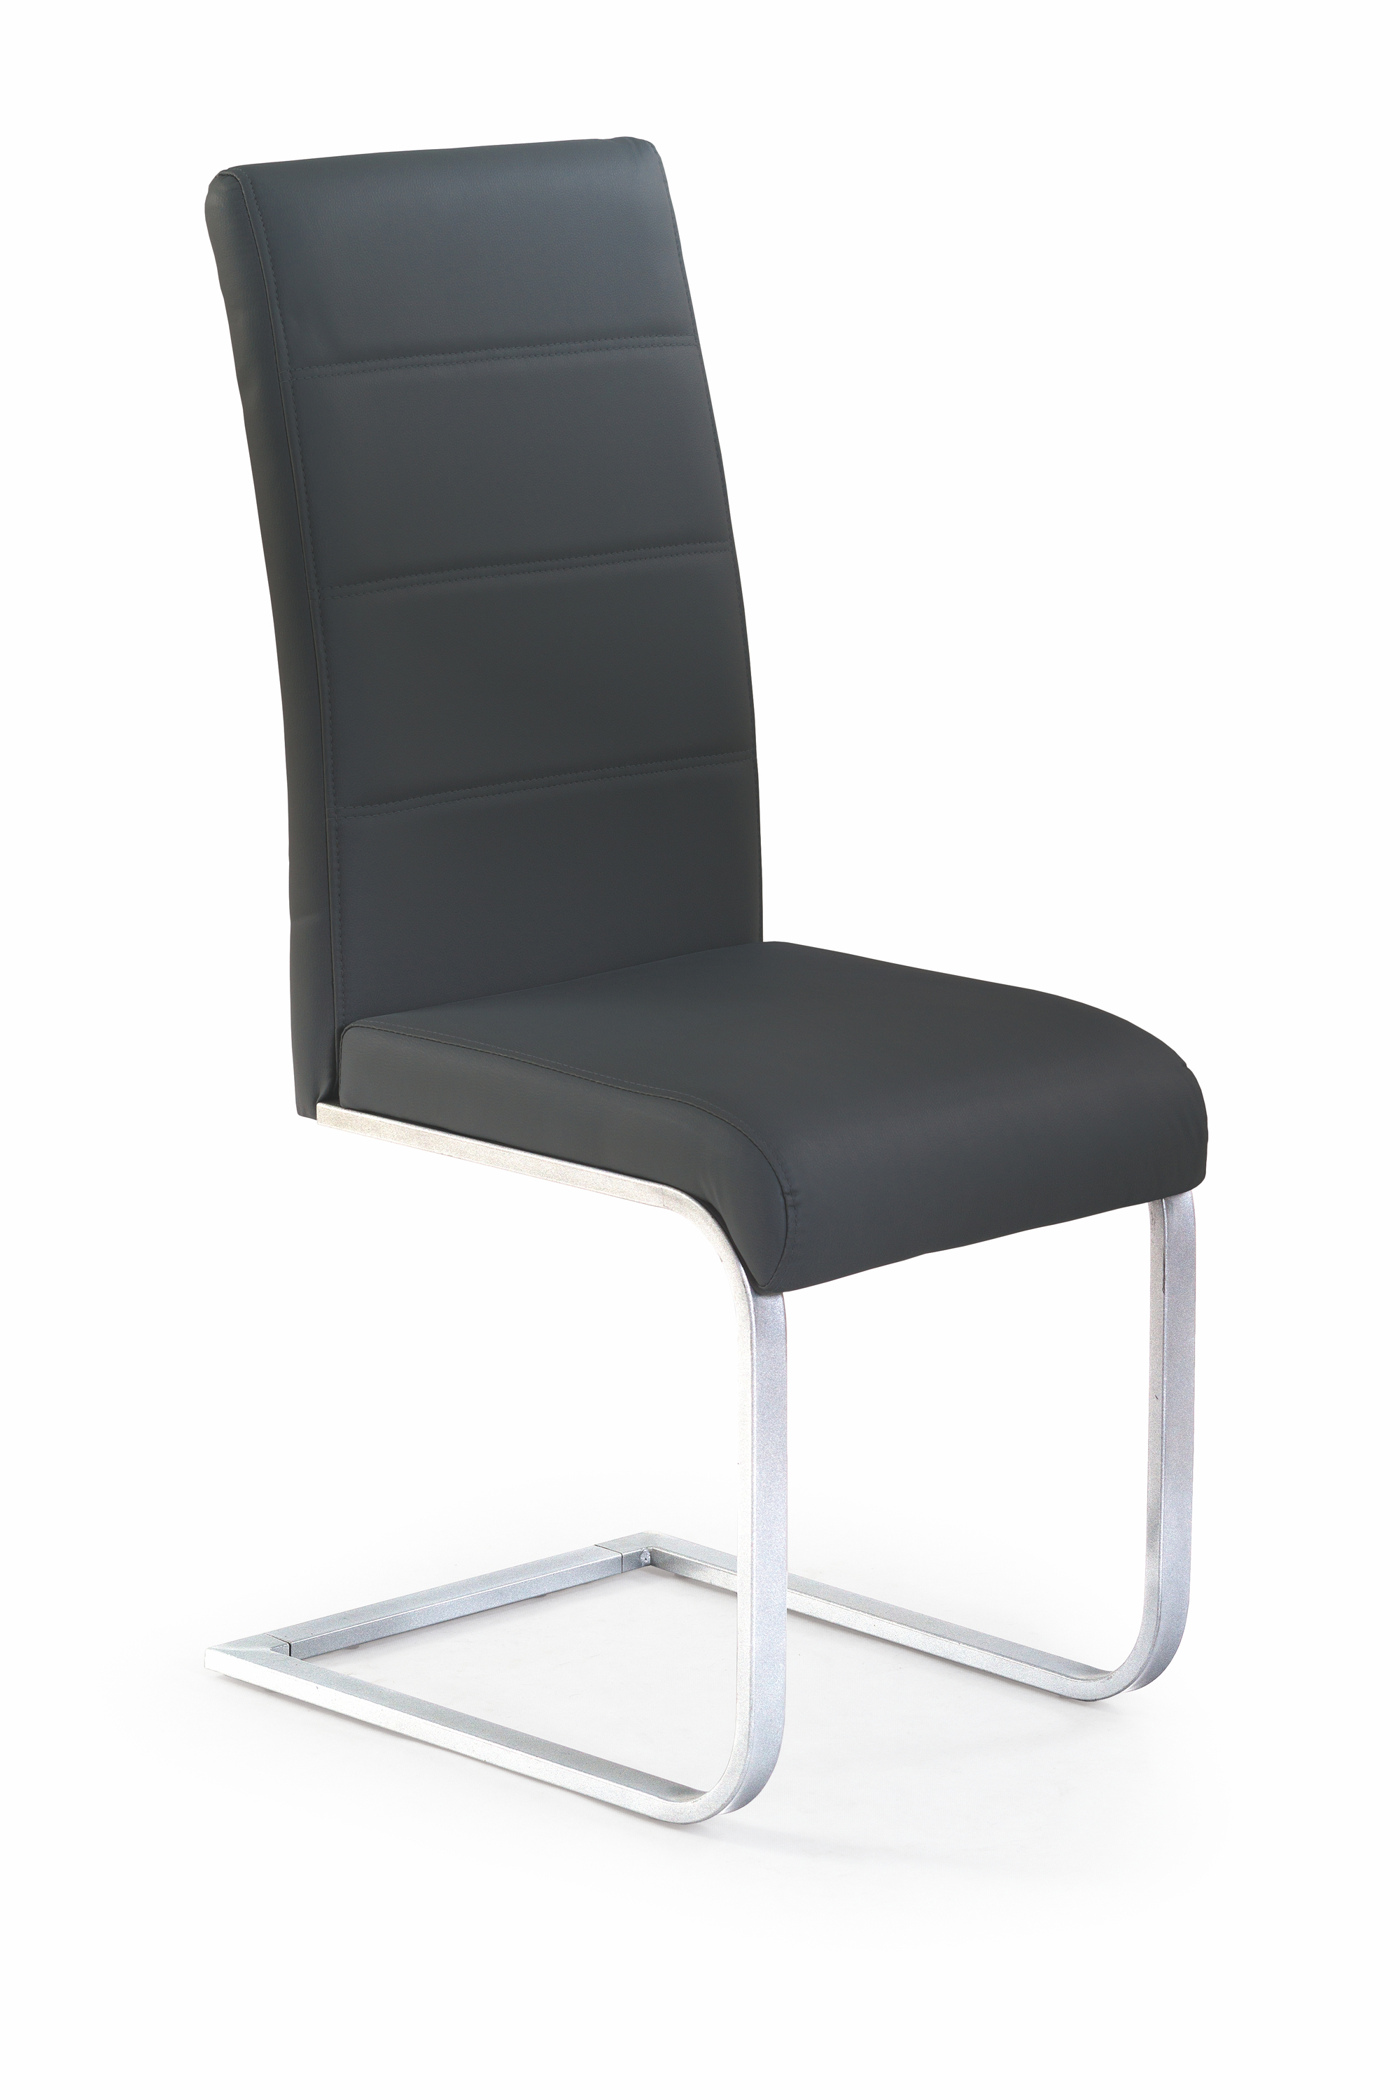 K85 krzesło czarny (1p=4szt)